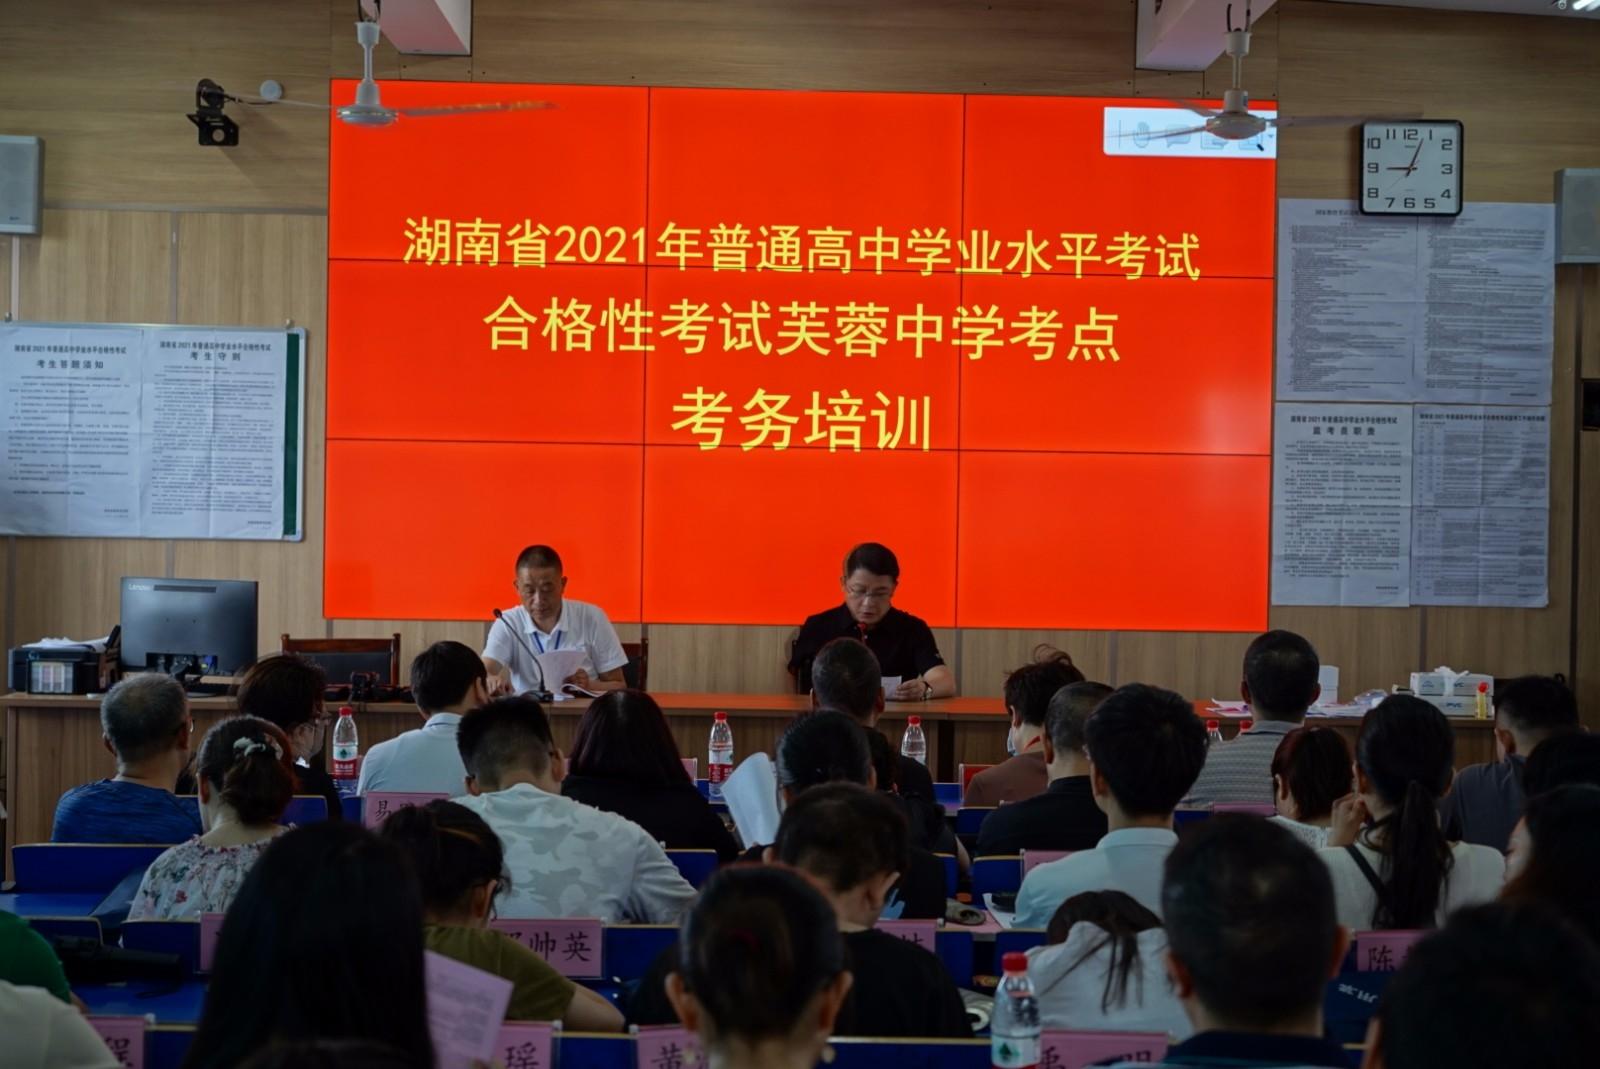 洪江市:压实考务培训 确保学考平安